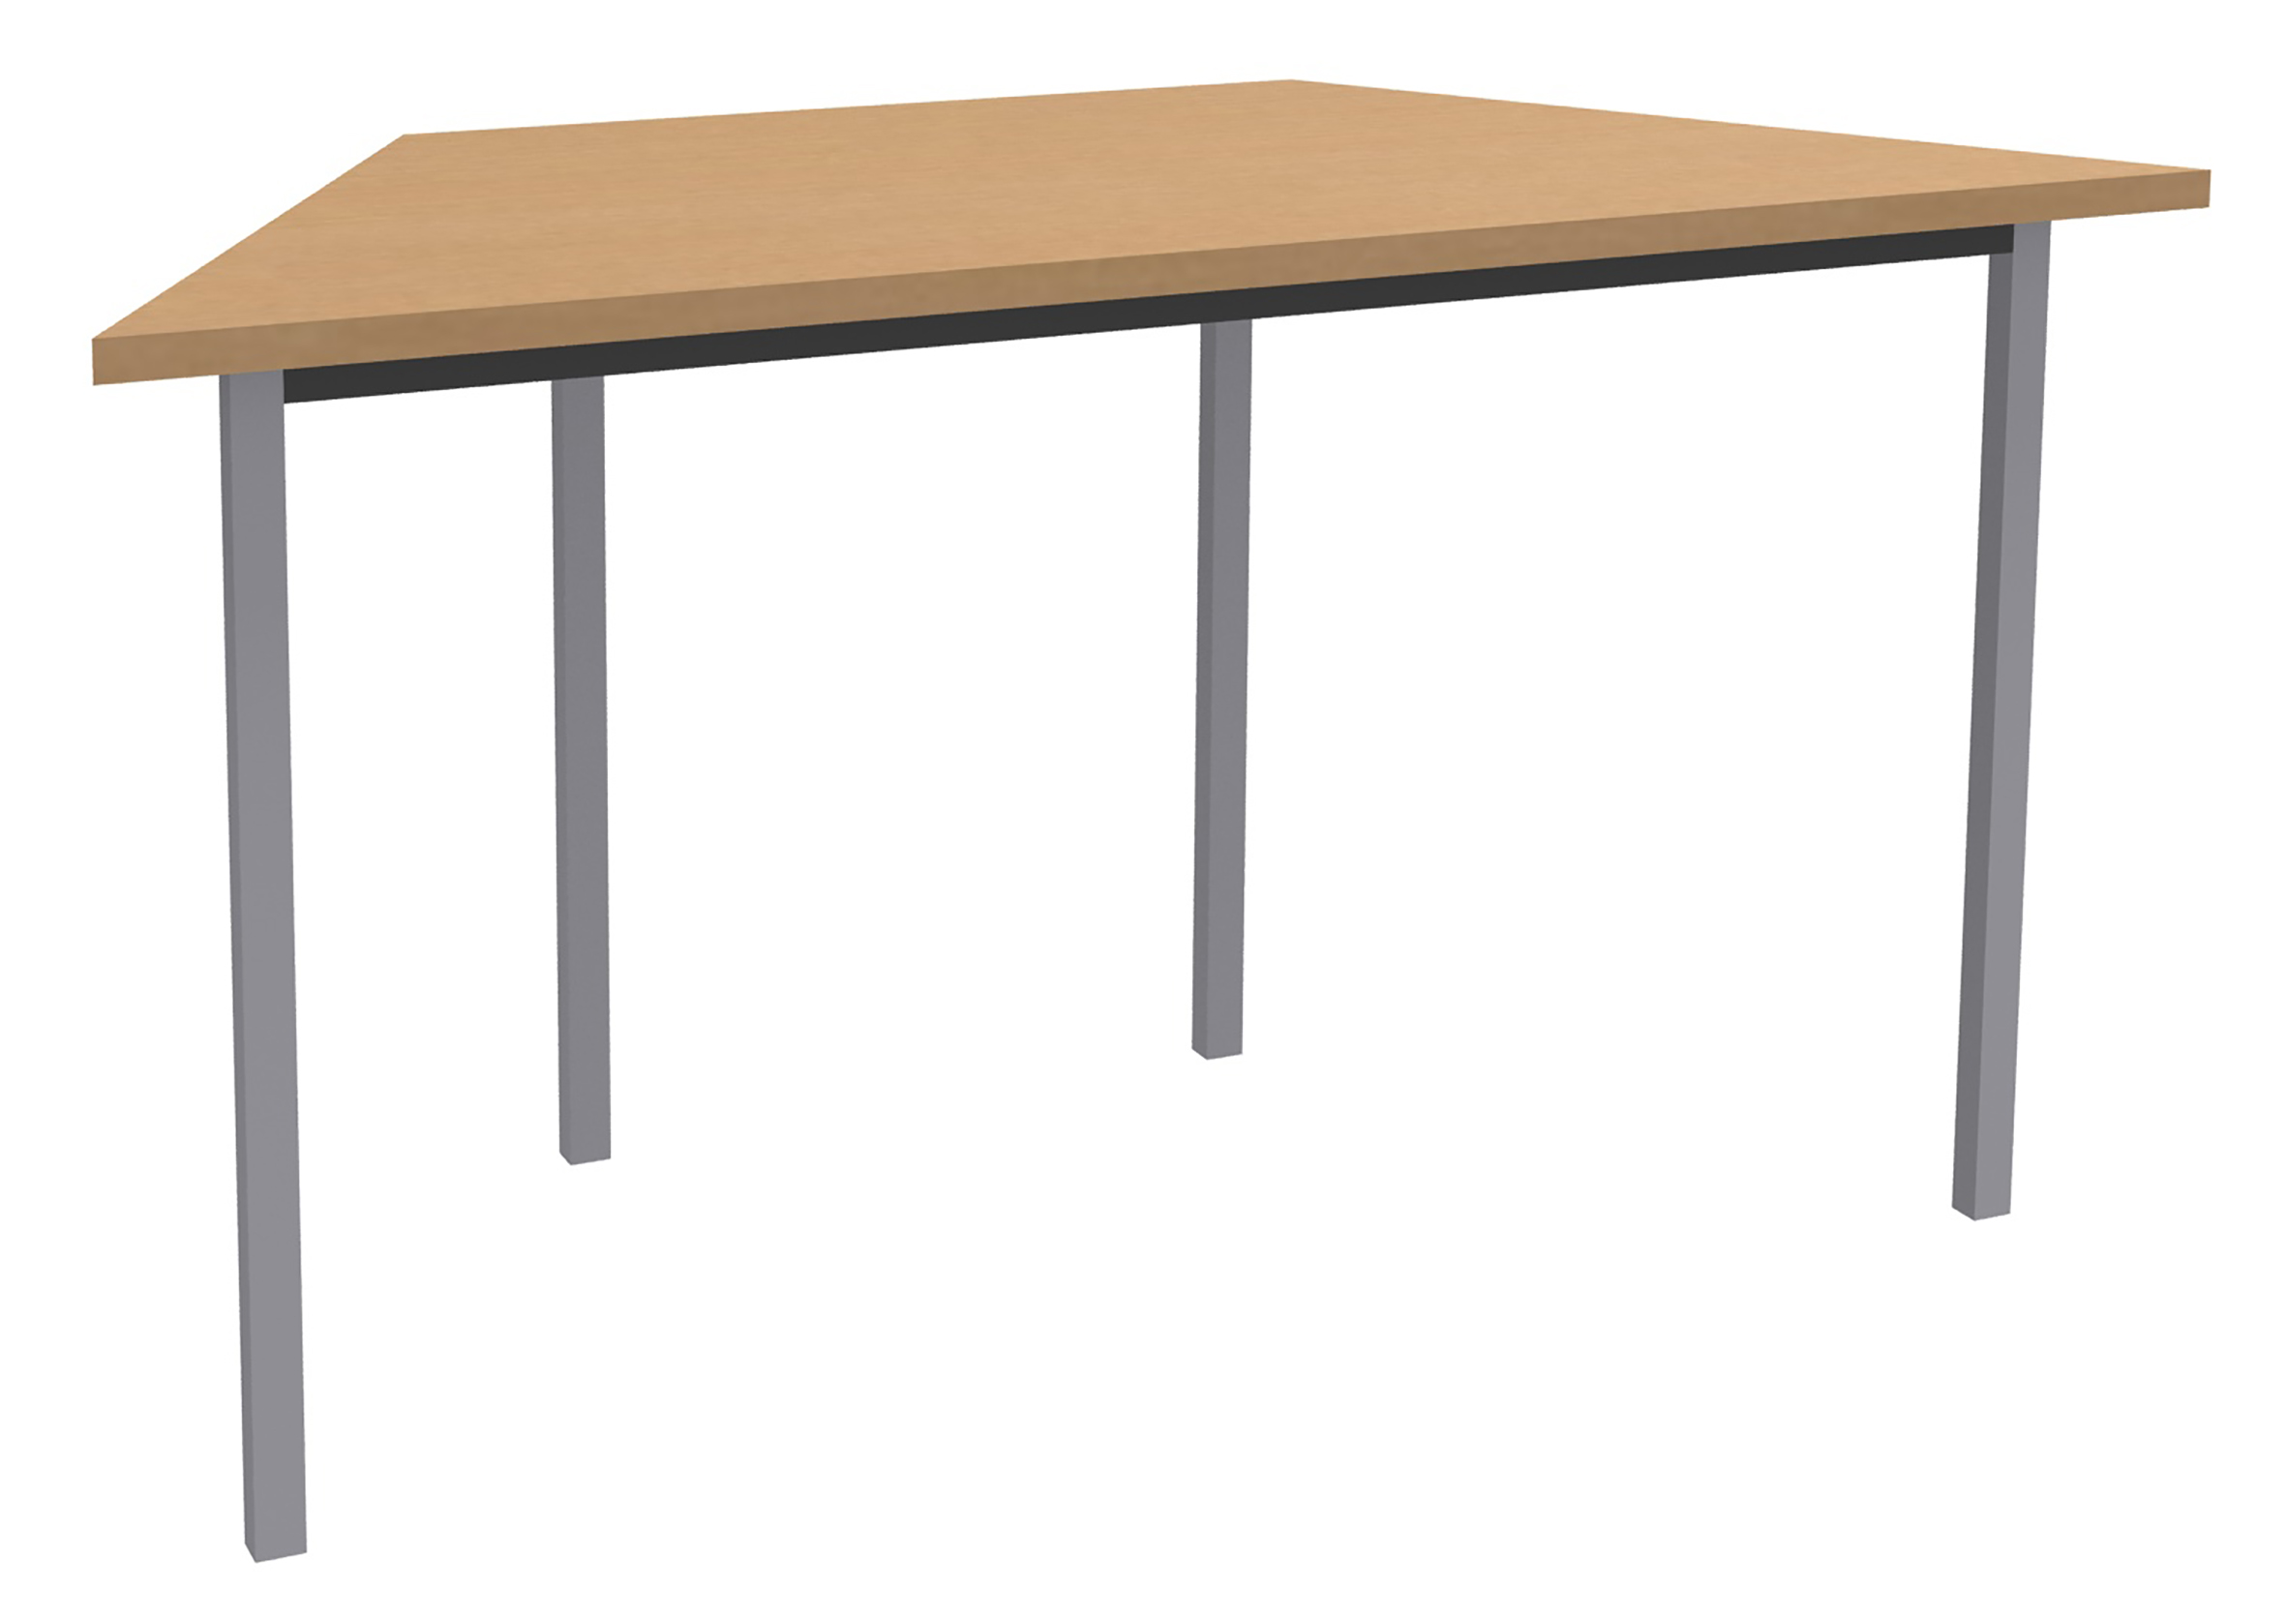 Table de réunion Trapèze - 120 x 60 cm - Pieds aluminium - imitation Hêtre